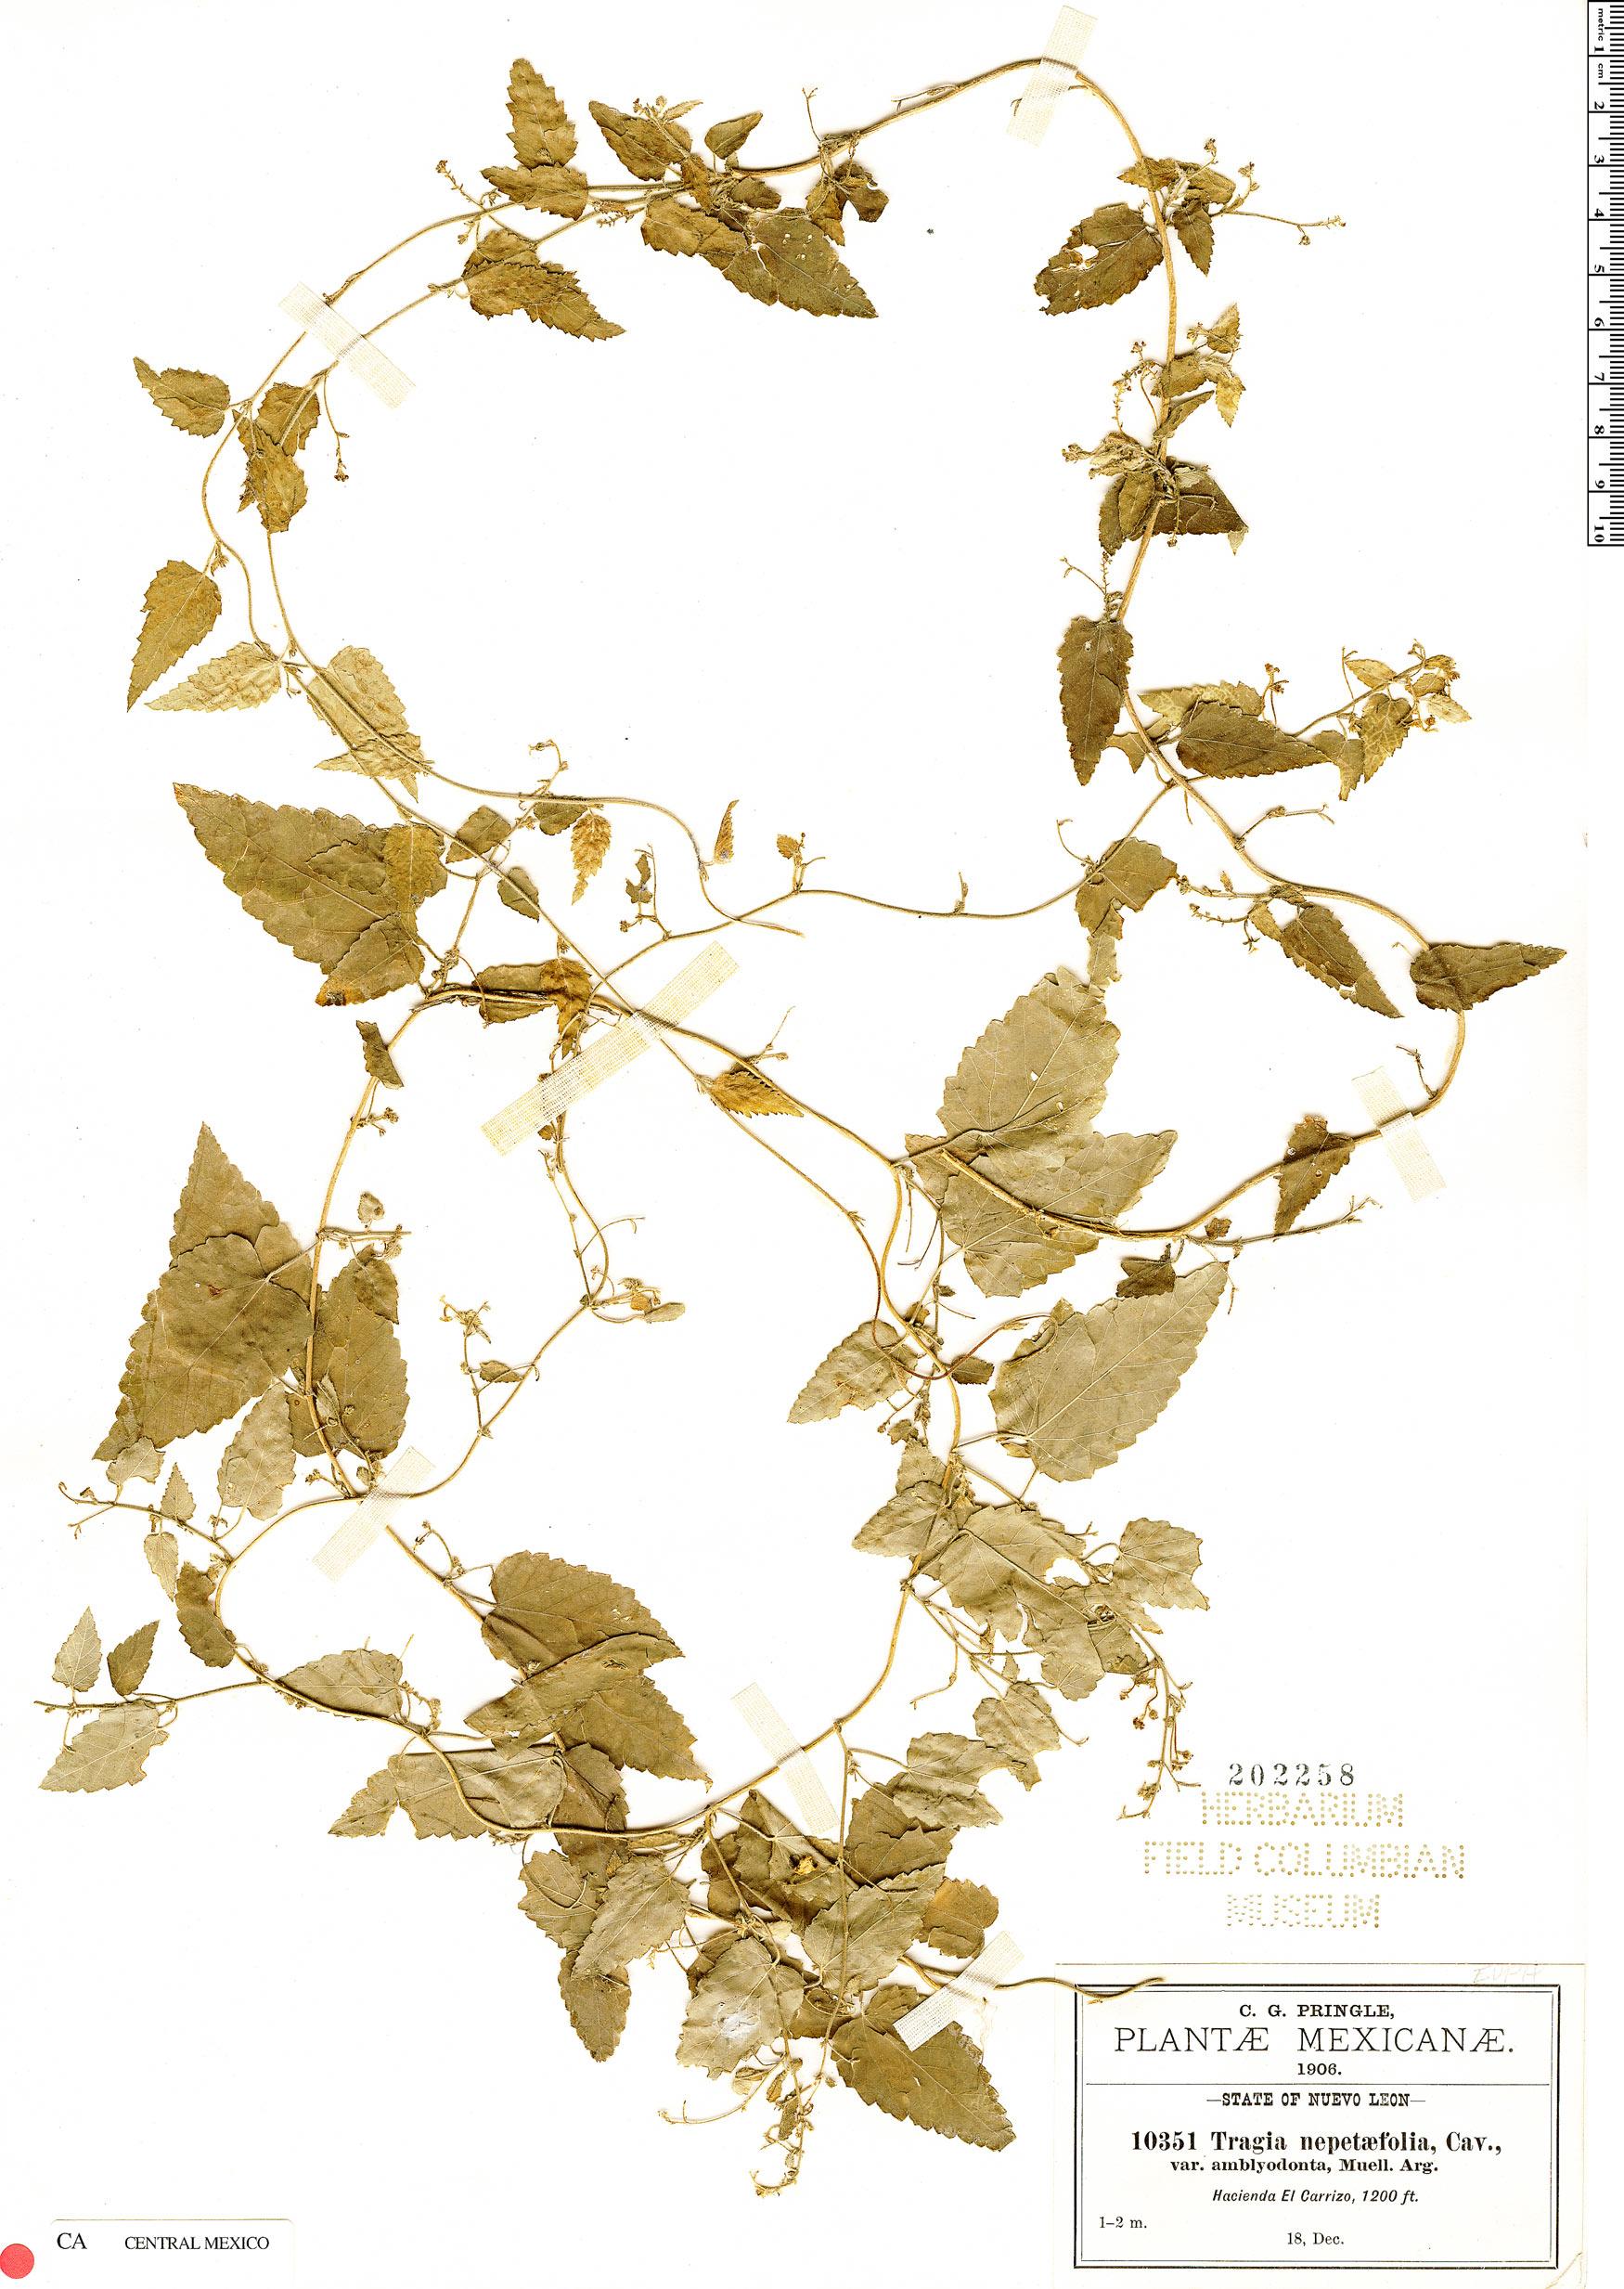 Specimen: Tragia nepetifolia